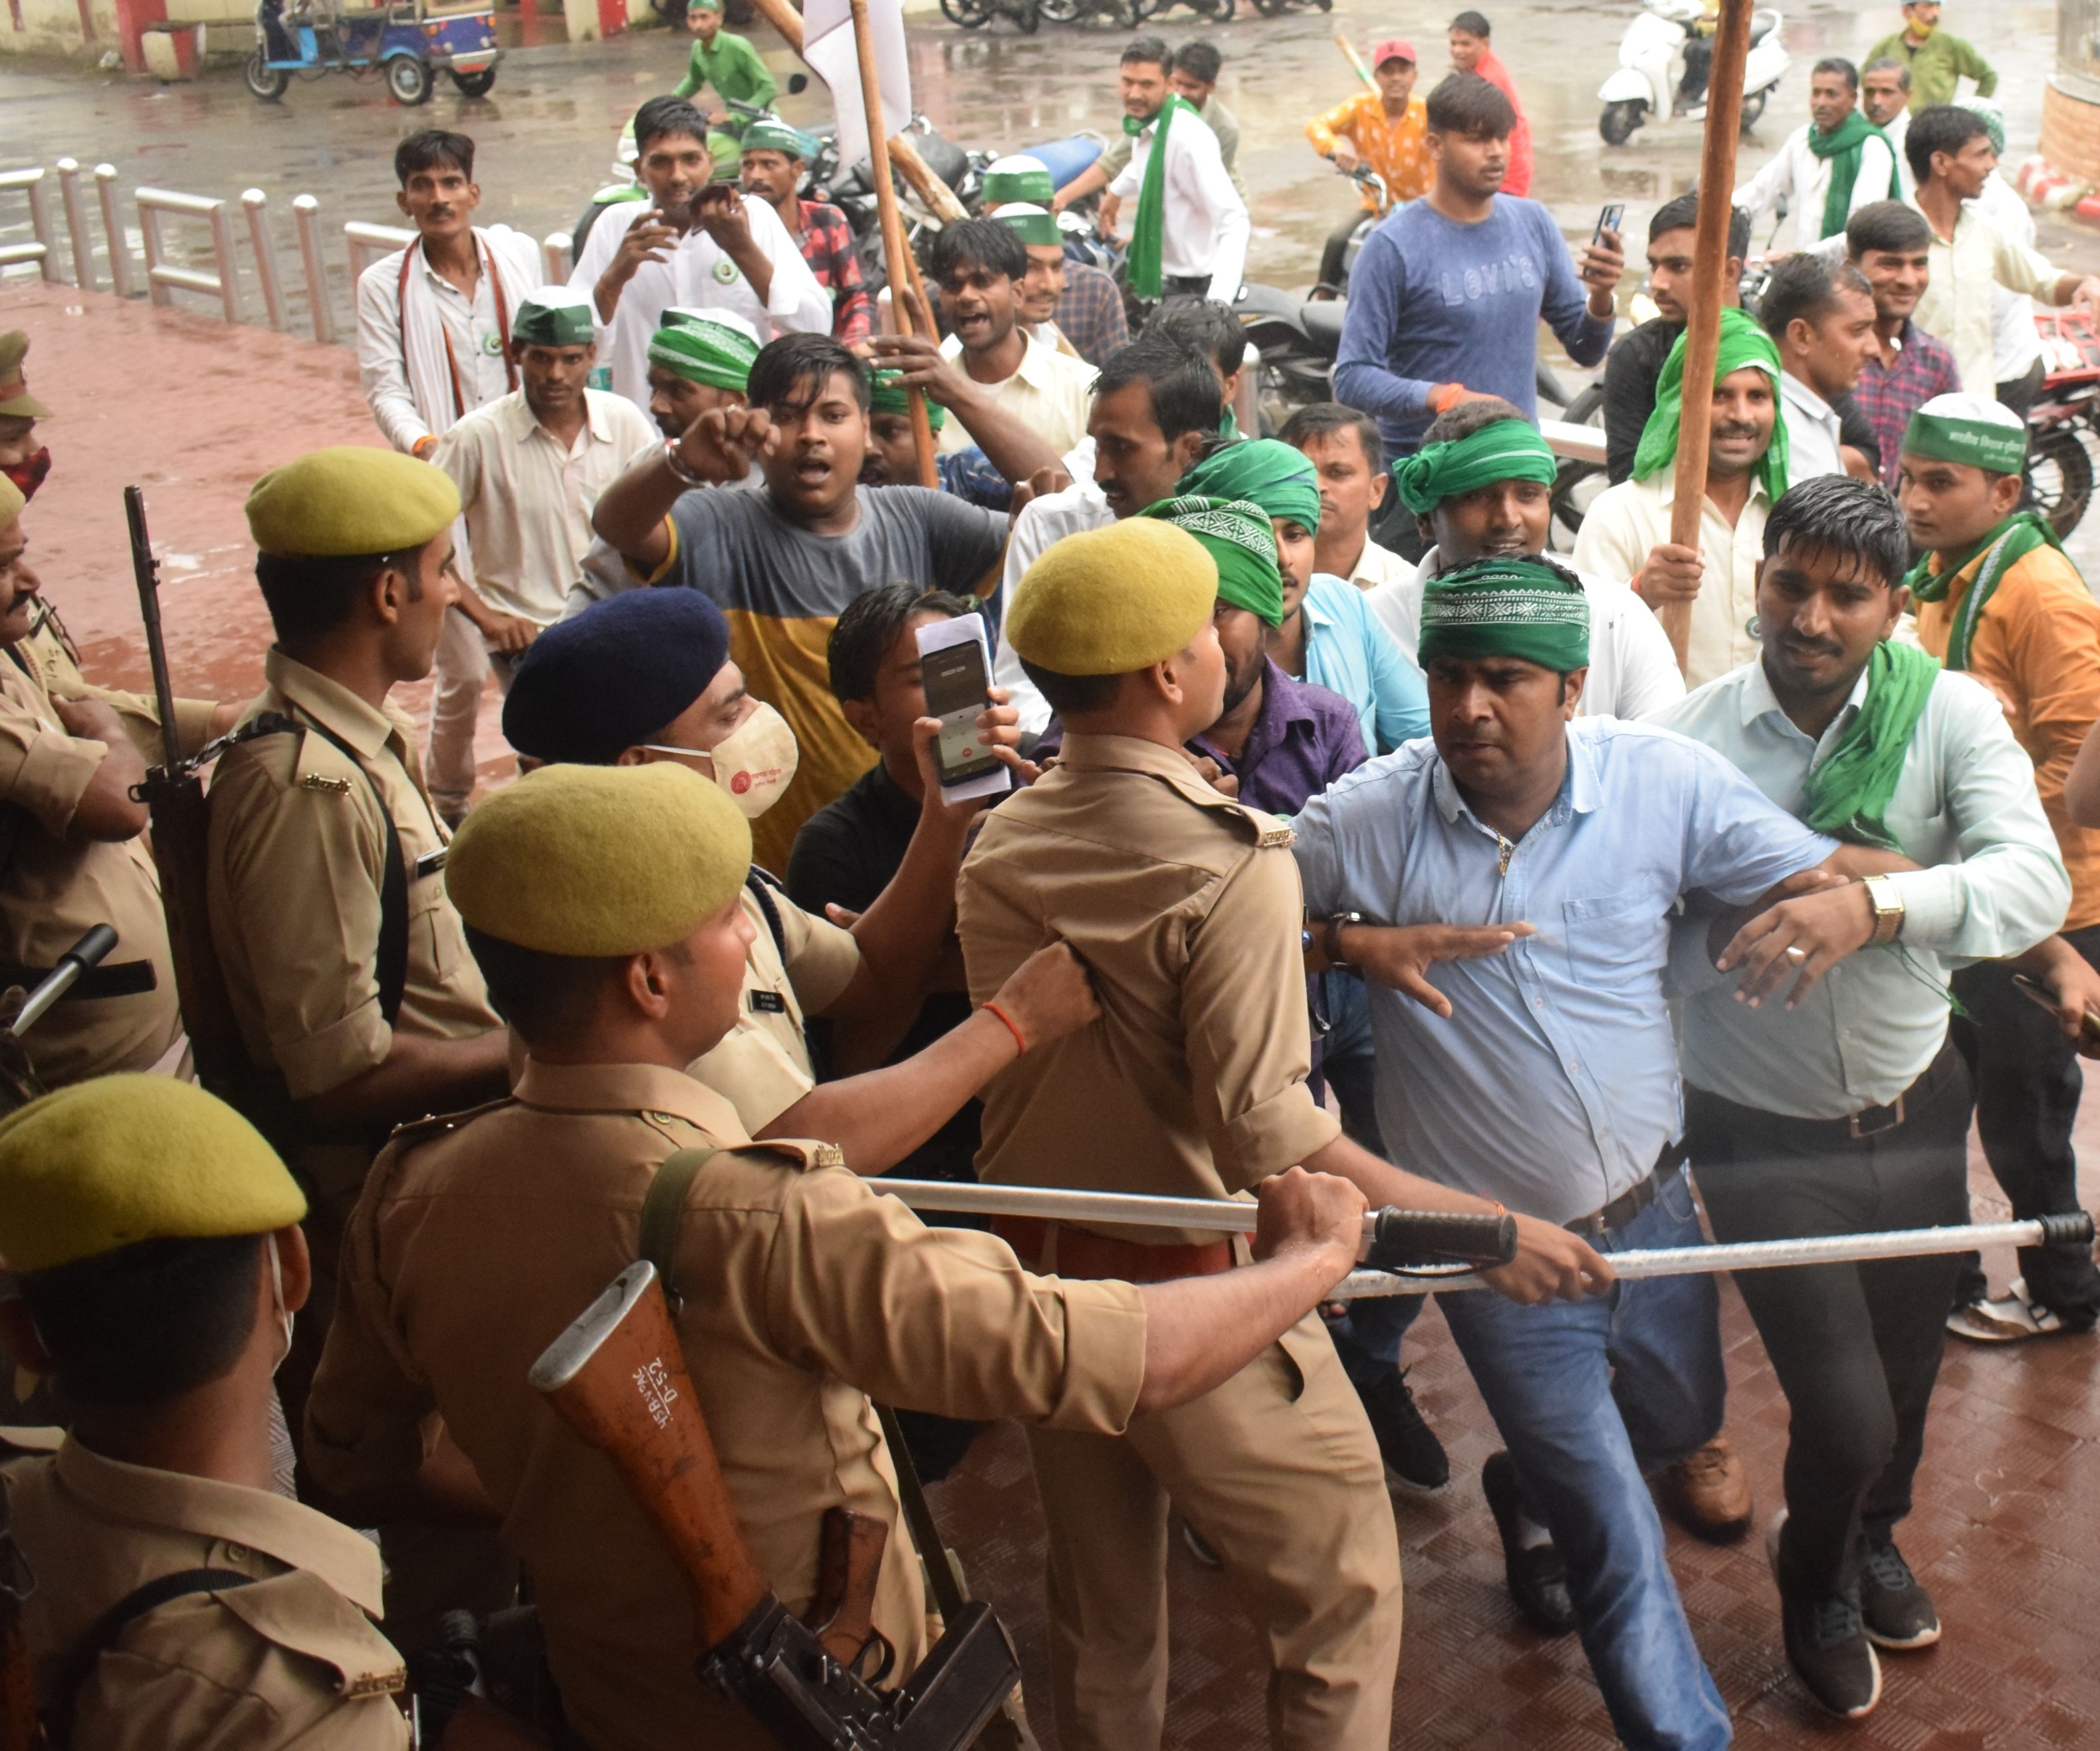 कासगंज में रेलवे स्टेशन के मुख्य द्वार से घुस रहे भाकियू स्वराज के कार्यकर्ताओं को रोकती पुलिस ।